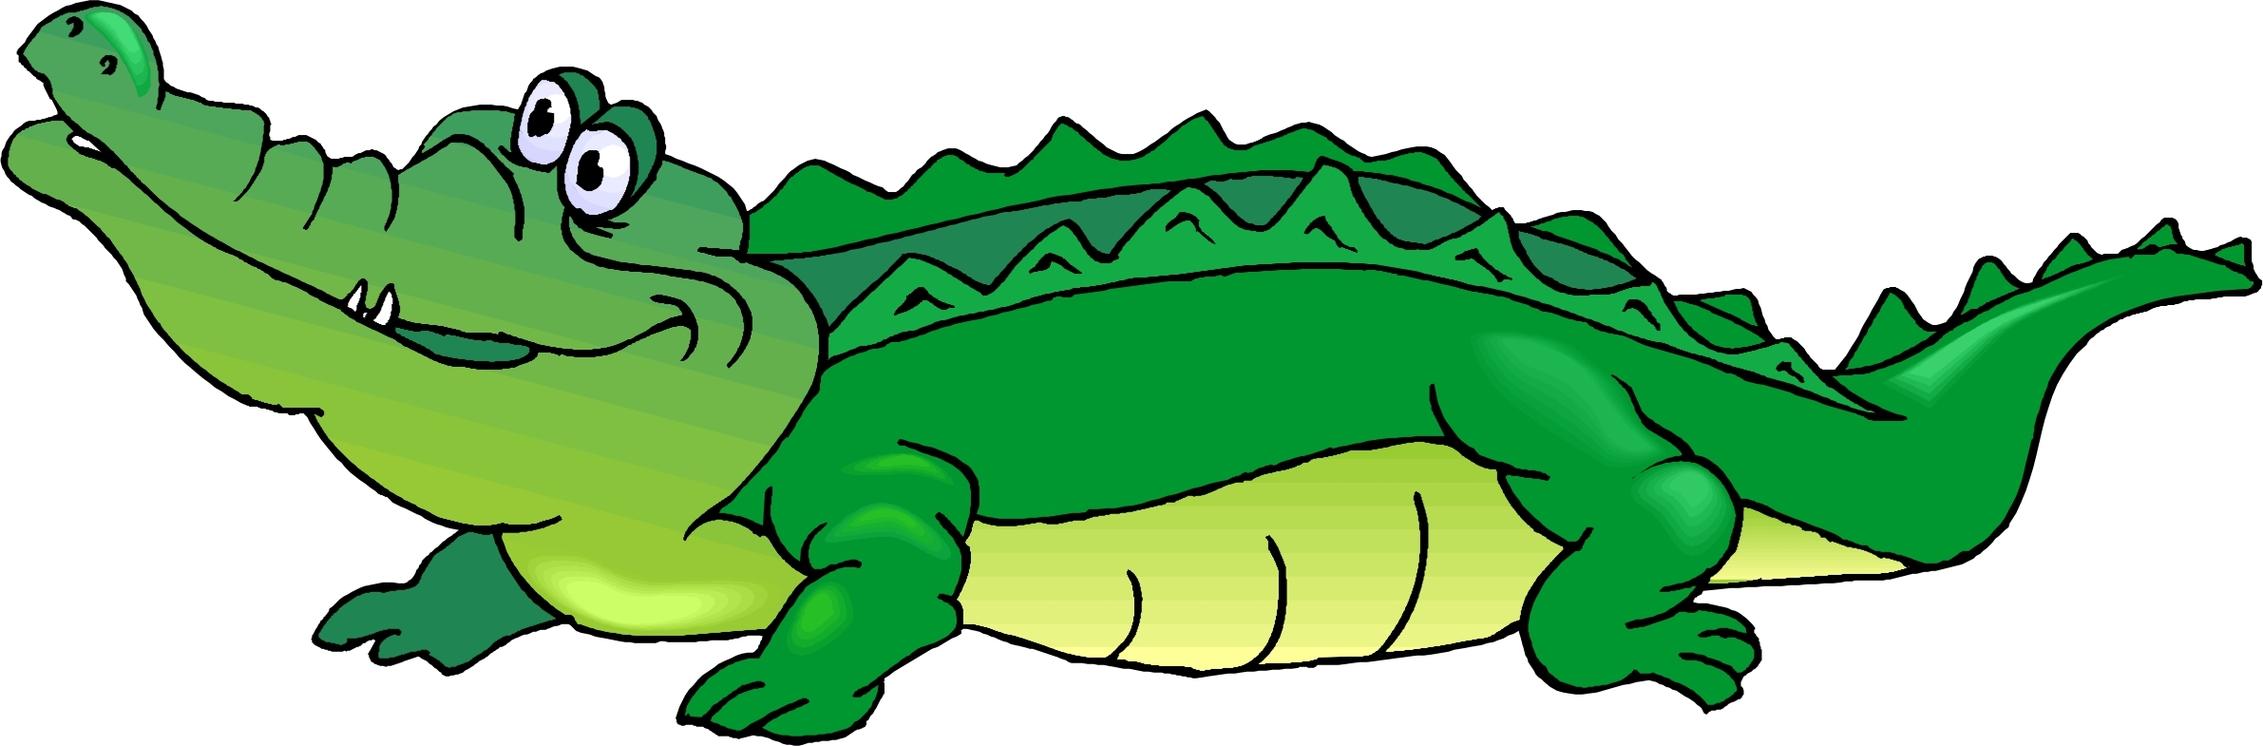 Cartoon Pictures Of Alligators